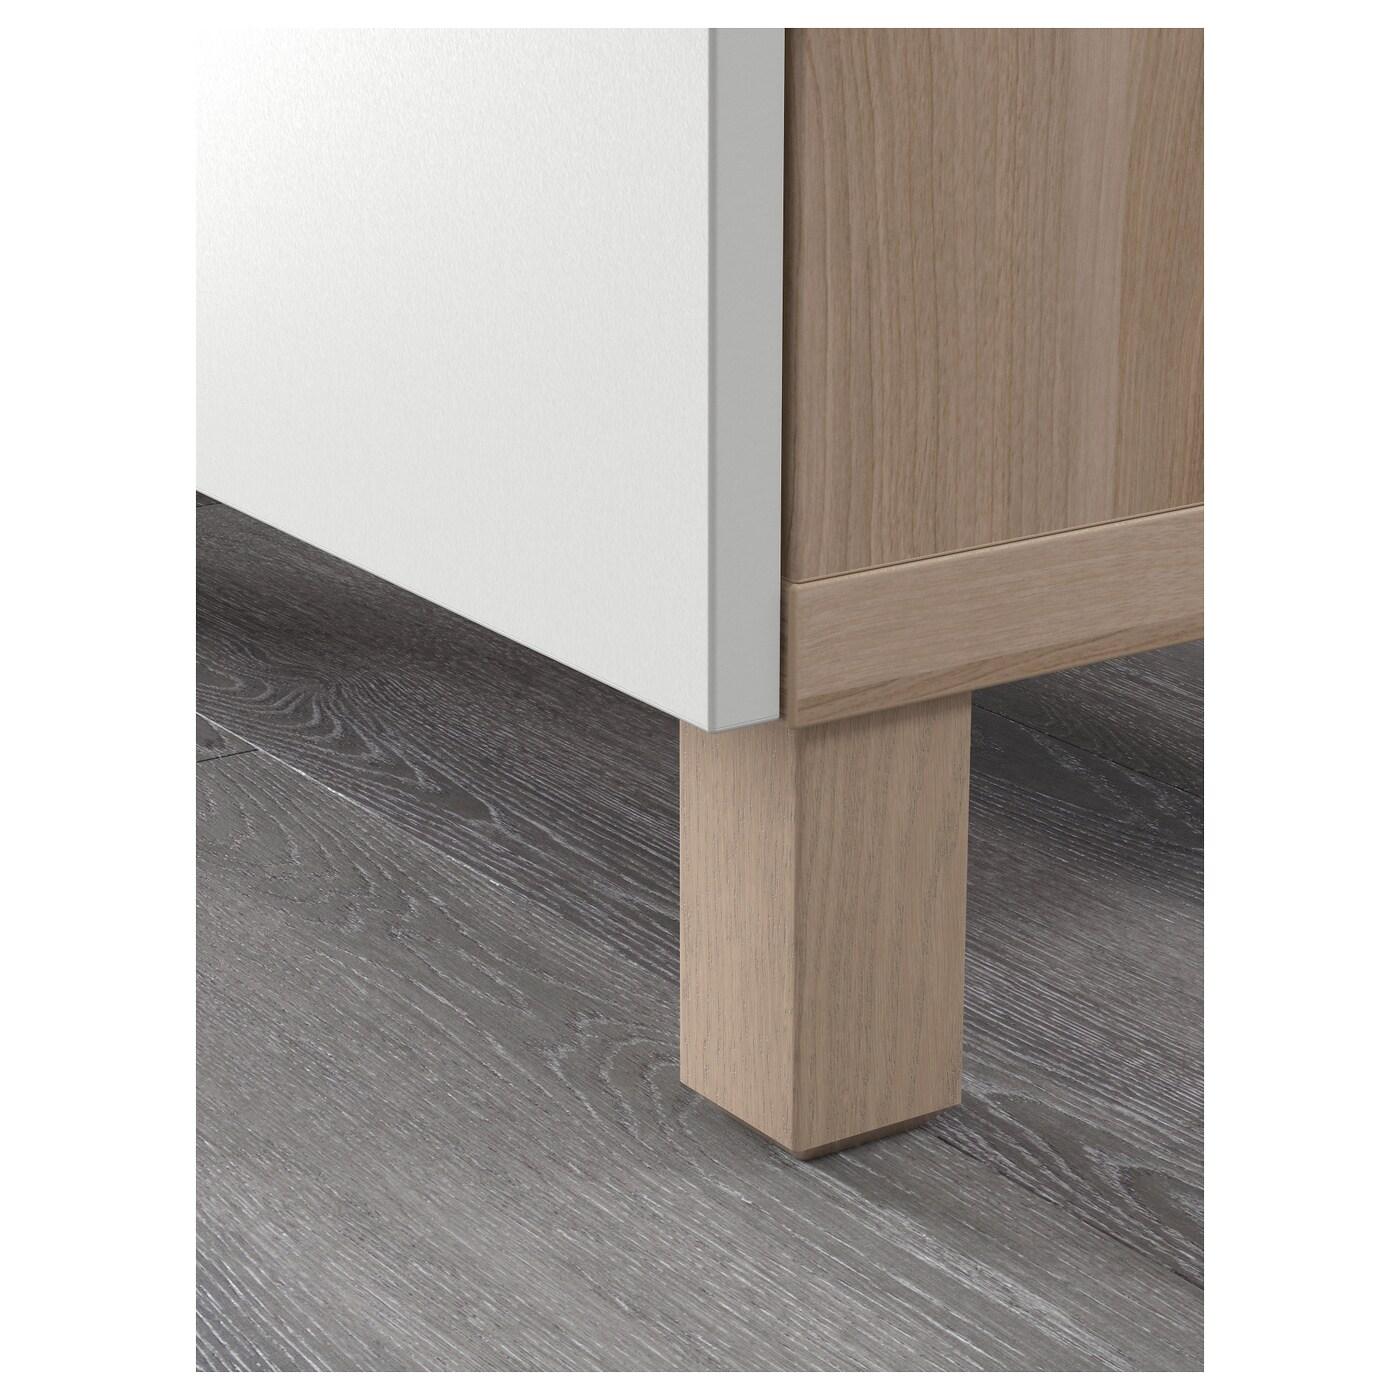 Best banc tv avec tiroirs motif noyer teint gris for Meuble tv 75 pouces ikea